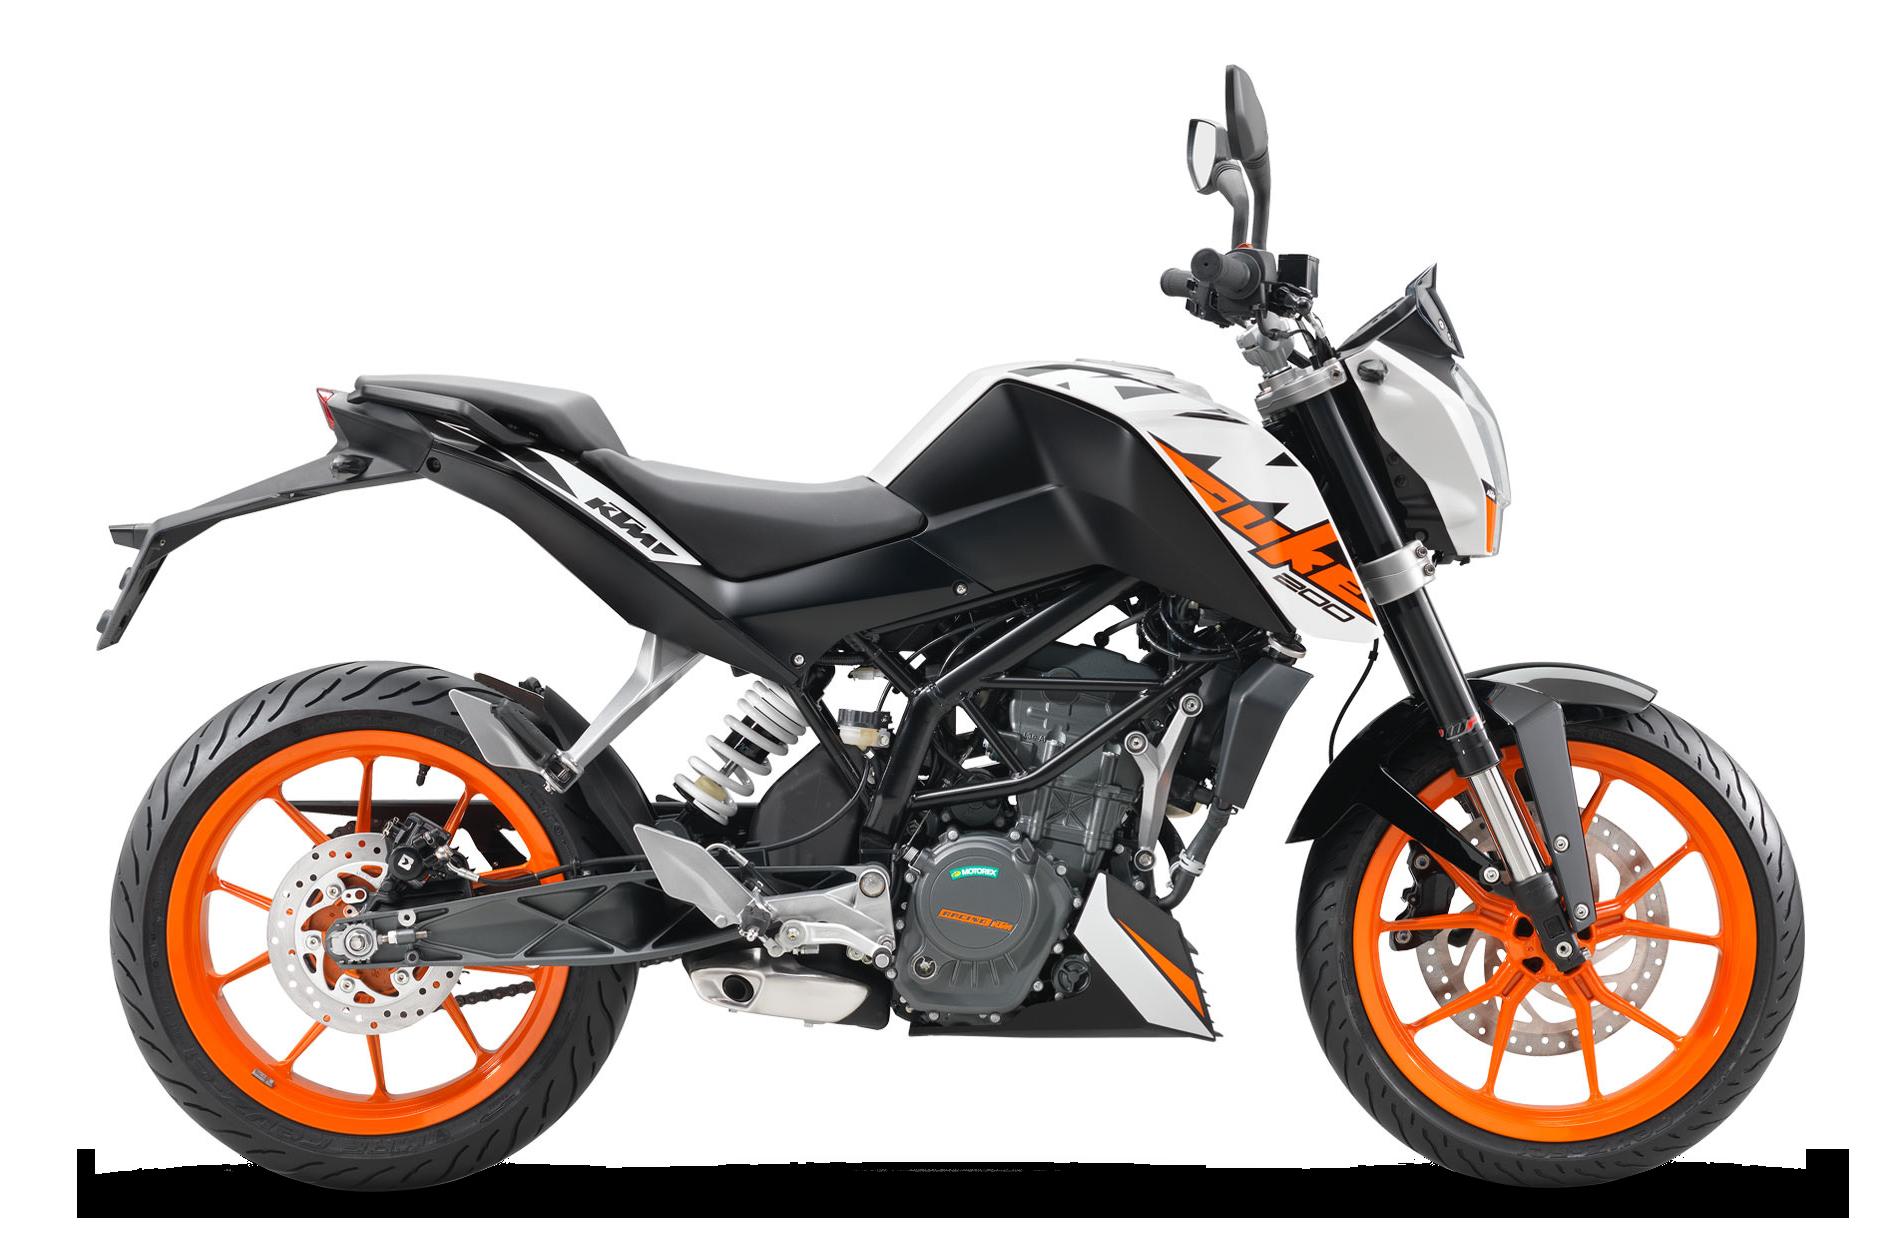 rc 200 2017 motos ktm precio 5 489 somos moto per. Black Bedroom Furniture Sets. Home Design Ideas